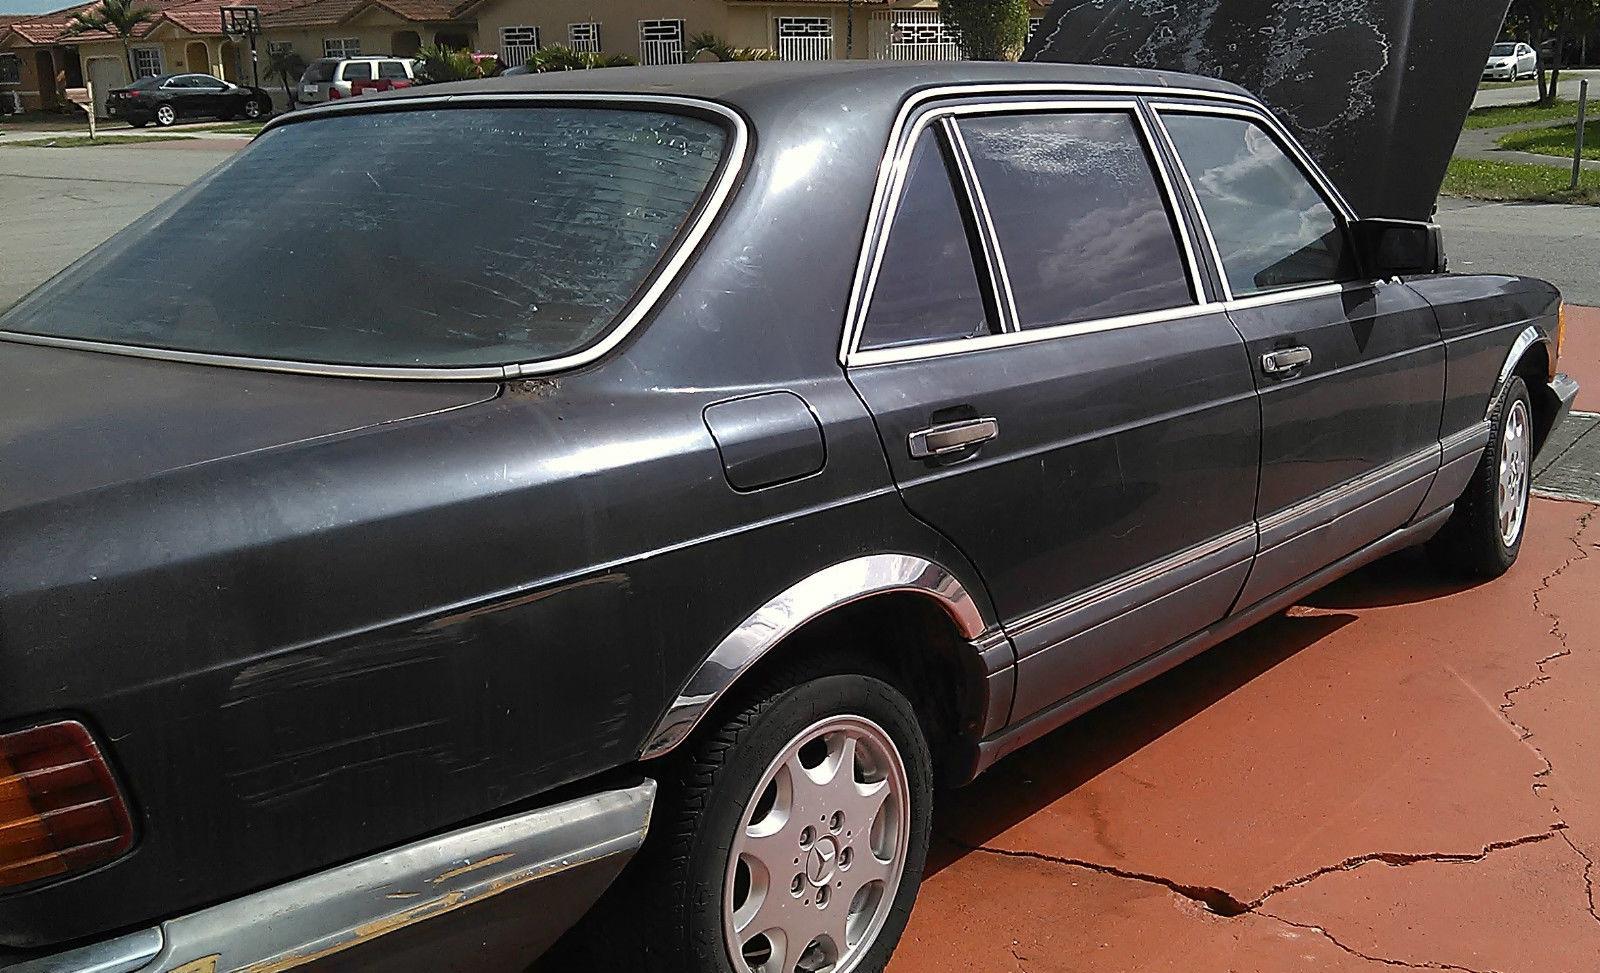 1987 mercedes benz 300sdl 300 sdl turbo diesel for sale in for Mercedes benz diesel cars for sale